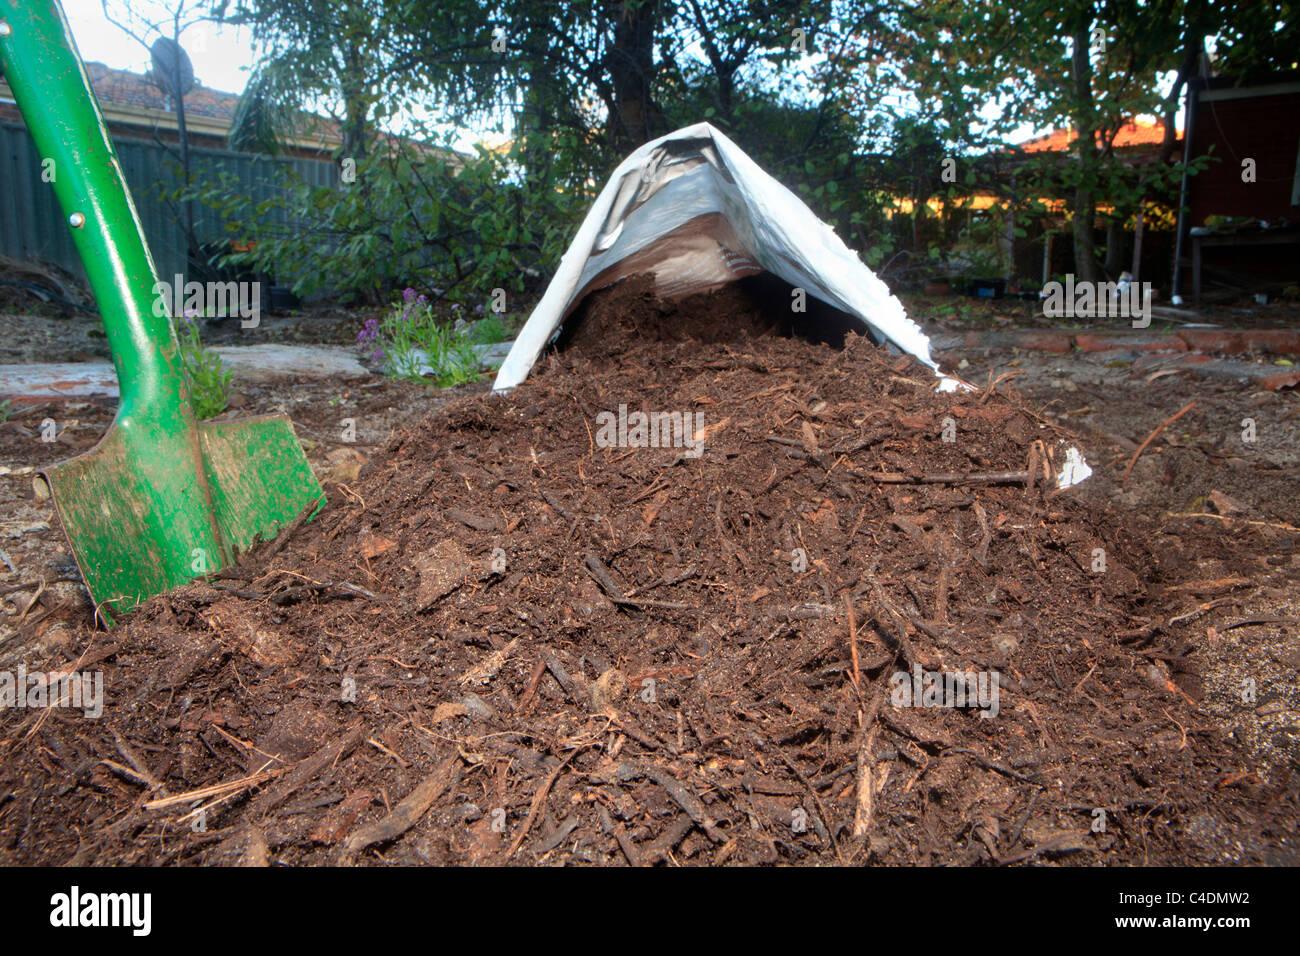 Paillis organique fabriqué à partir de l'écorce et du bois déchiqueté versé d'un sac sur le jardin Banque D'Images